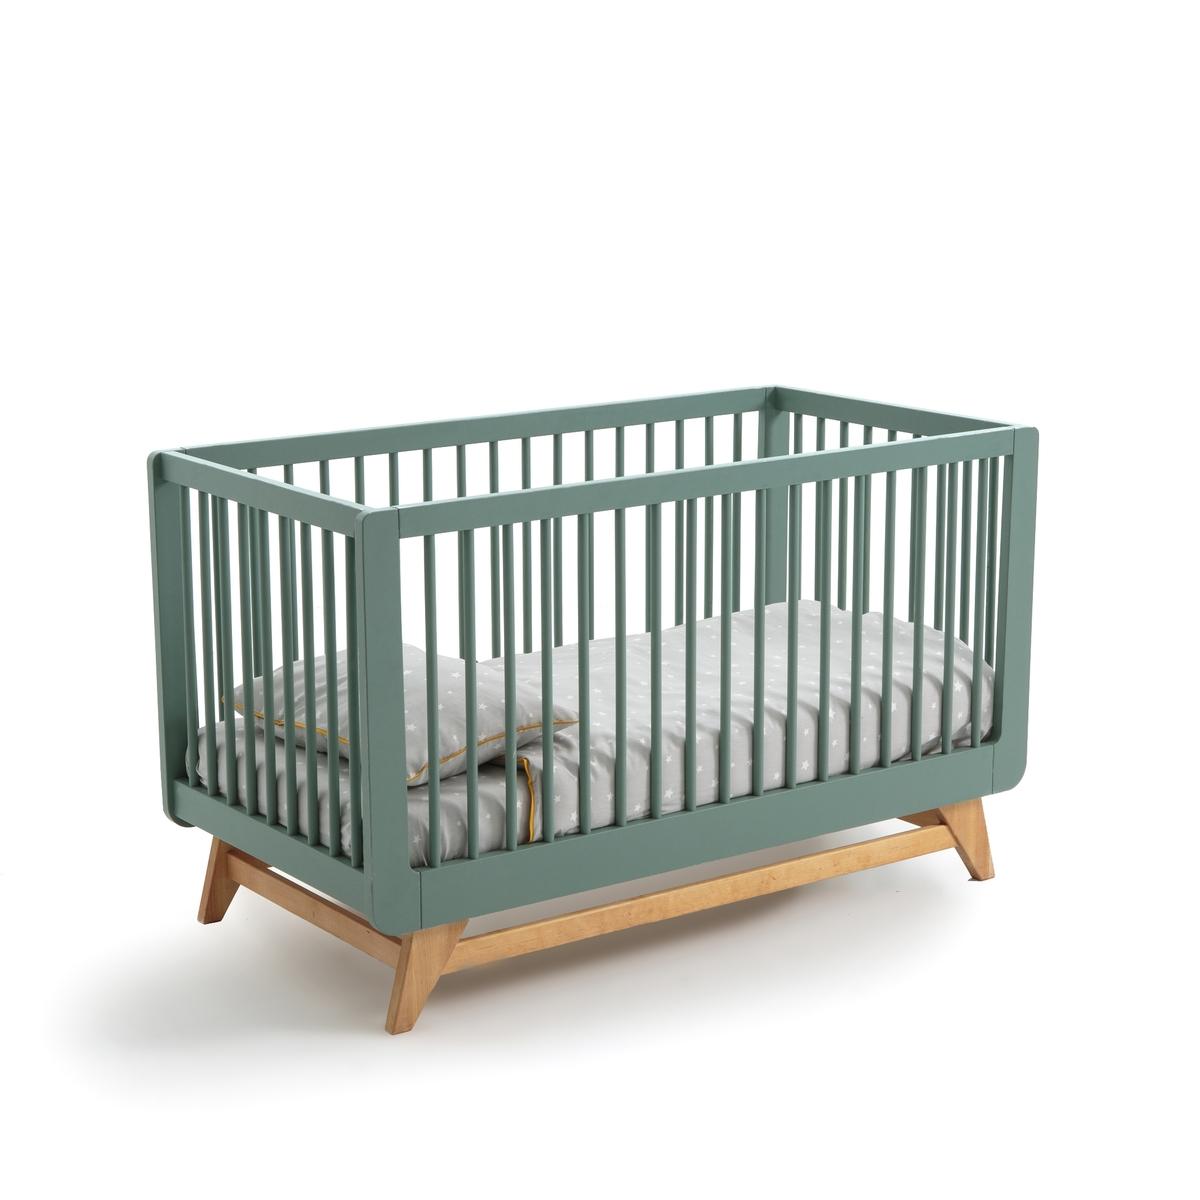 Кровать детская раздвижная WILLOX